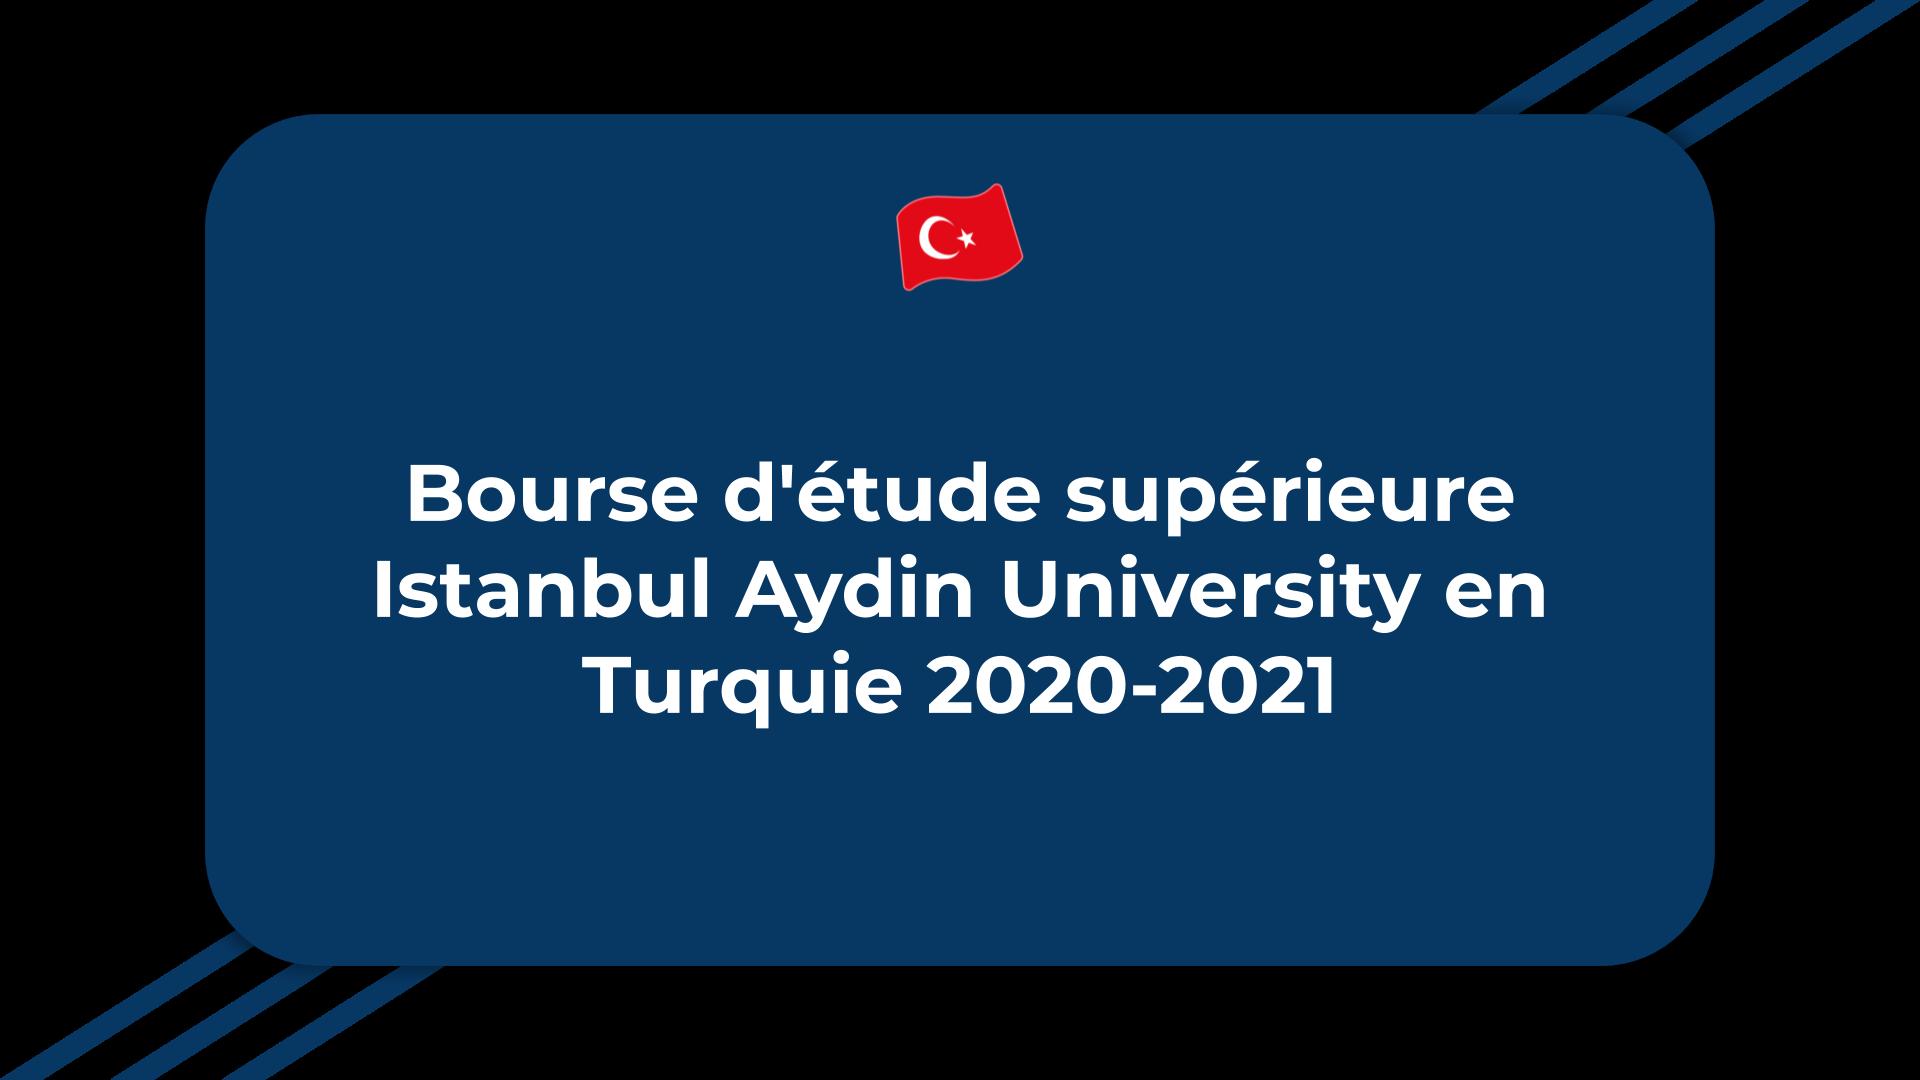 Bourse d'étude supérieure Istanbul Aydin University